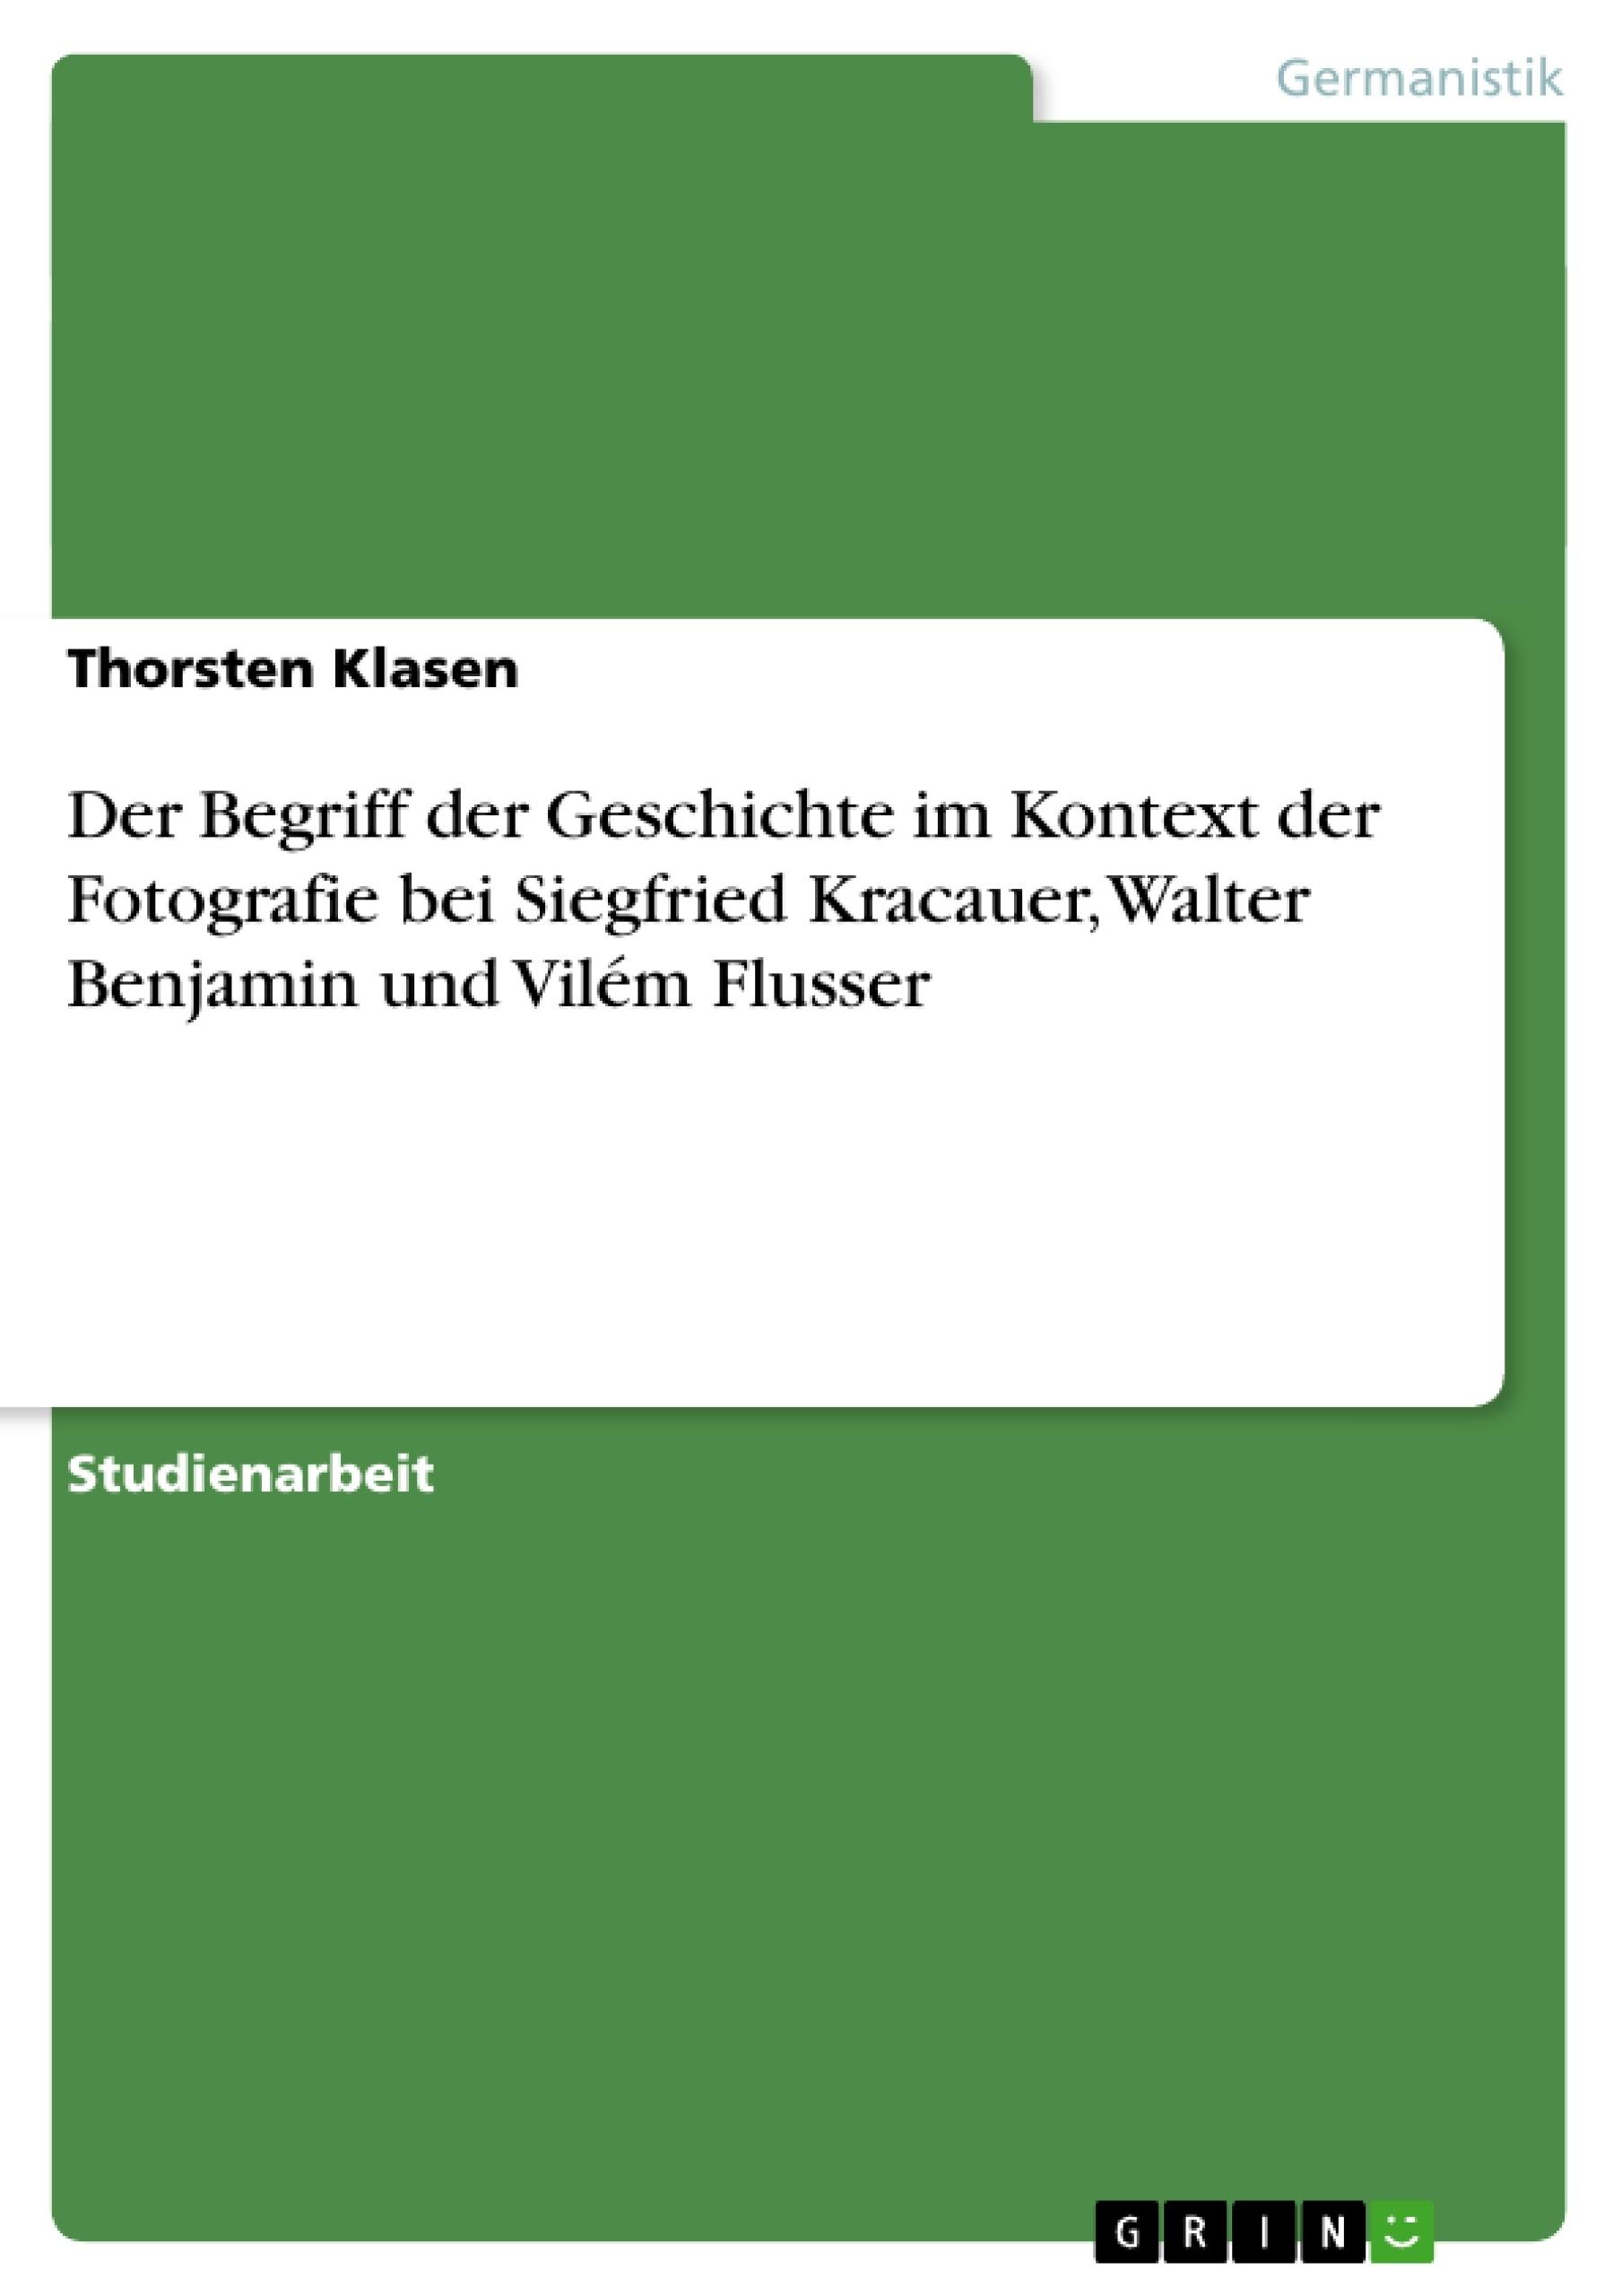 Titel: Der Begriff der Geschichte im Kontext der Fotografie bei Siegfried Kracauer, Walter Benjamin und Vilém Flusser